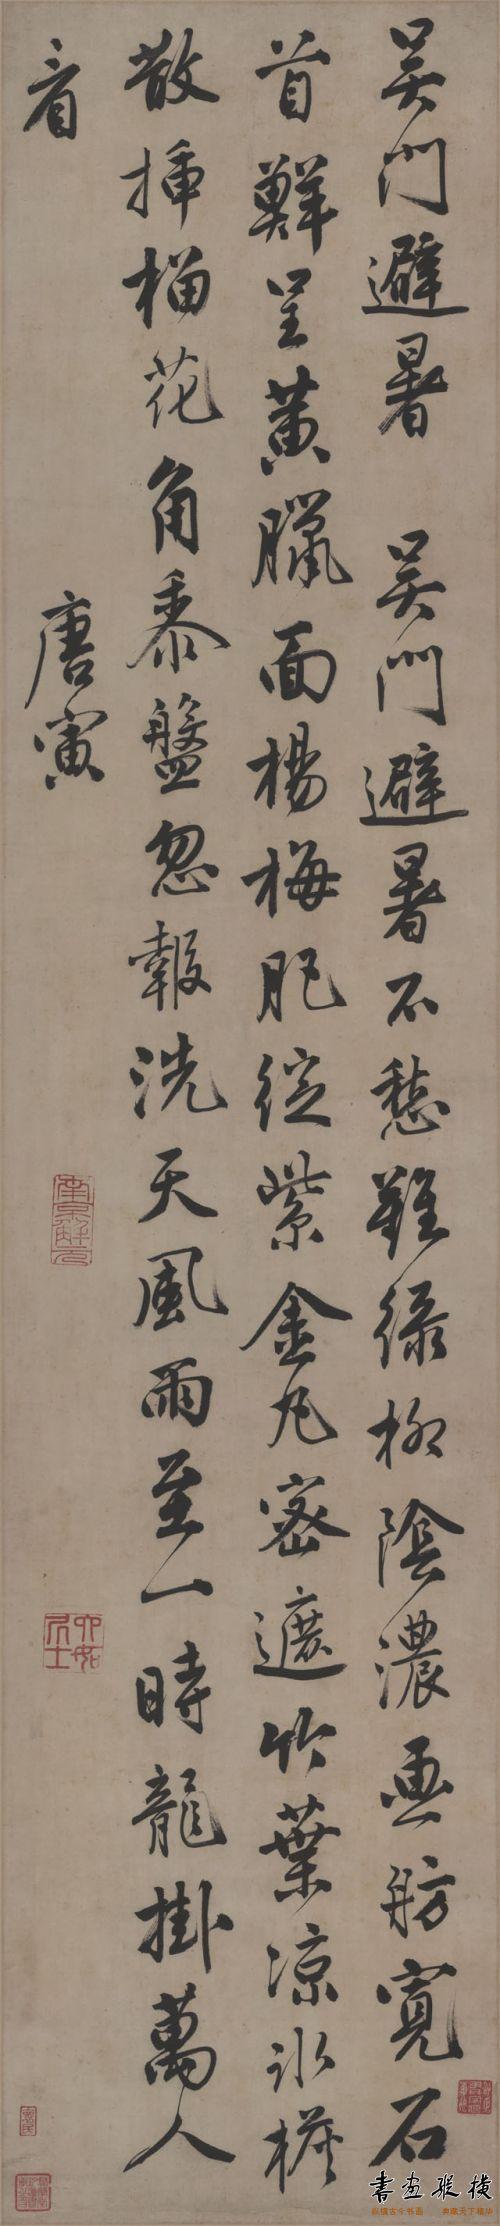 明 唐寅 吴门避暑诗 故宫博物院藏